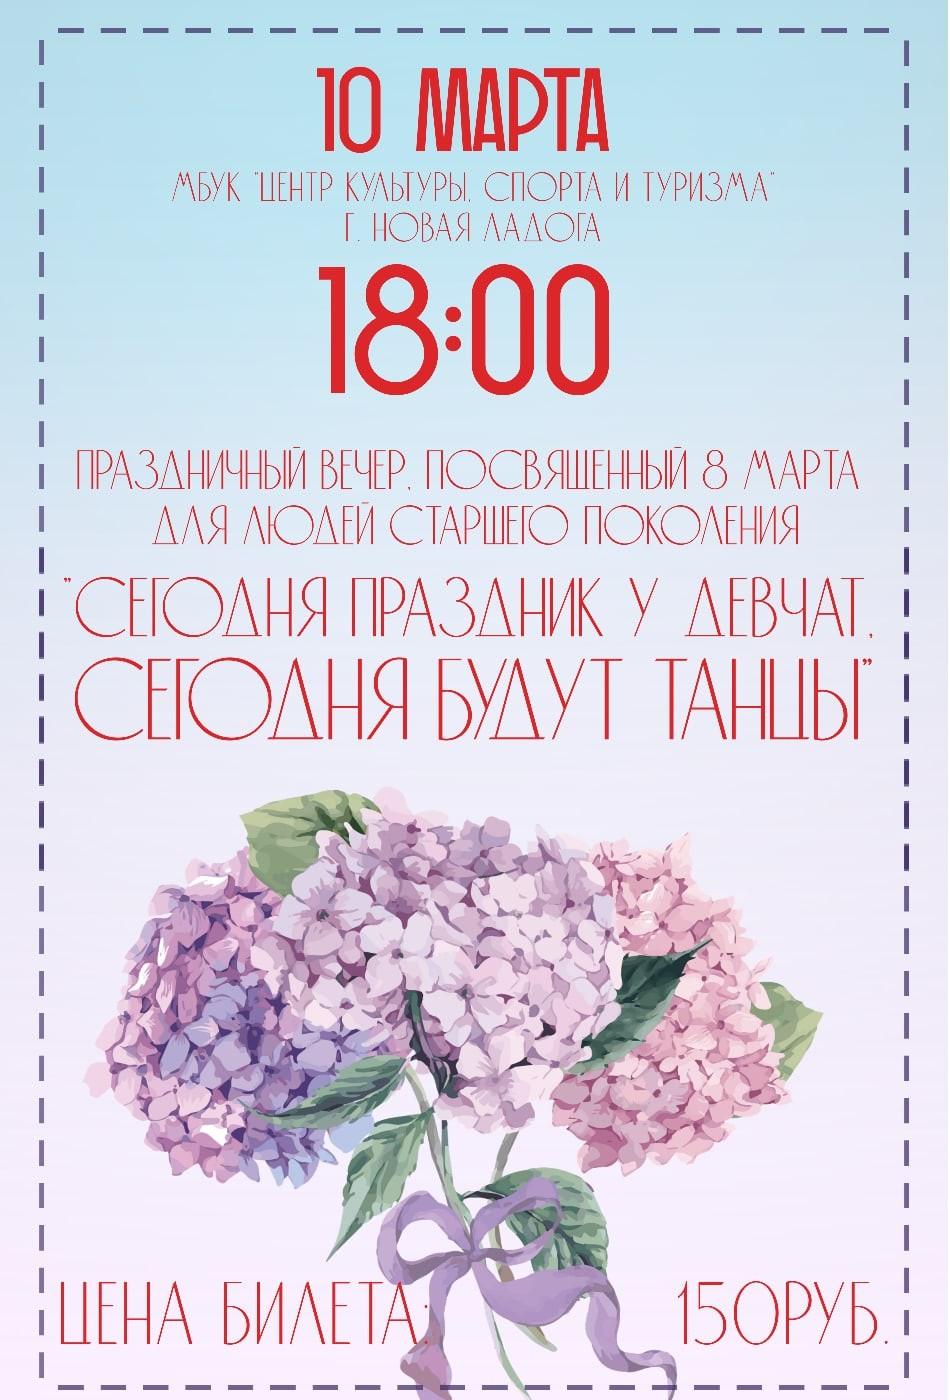 """Праздничный концерт, посвященный 8 марта для людей старшего поколения """"Сегодня праздник у девчат, сегодня будут танцы"""""""